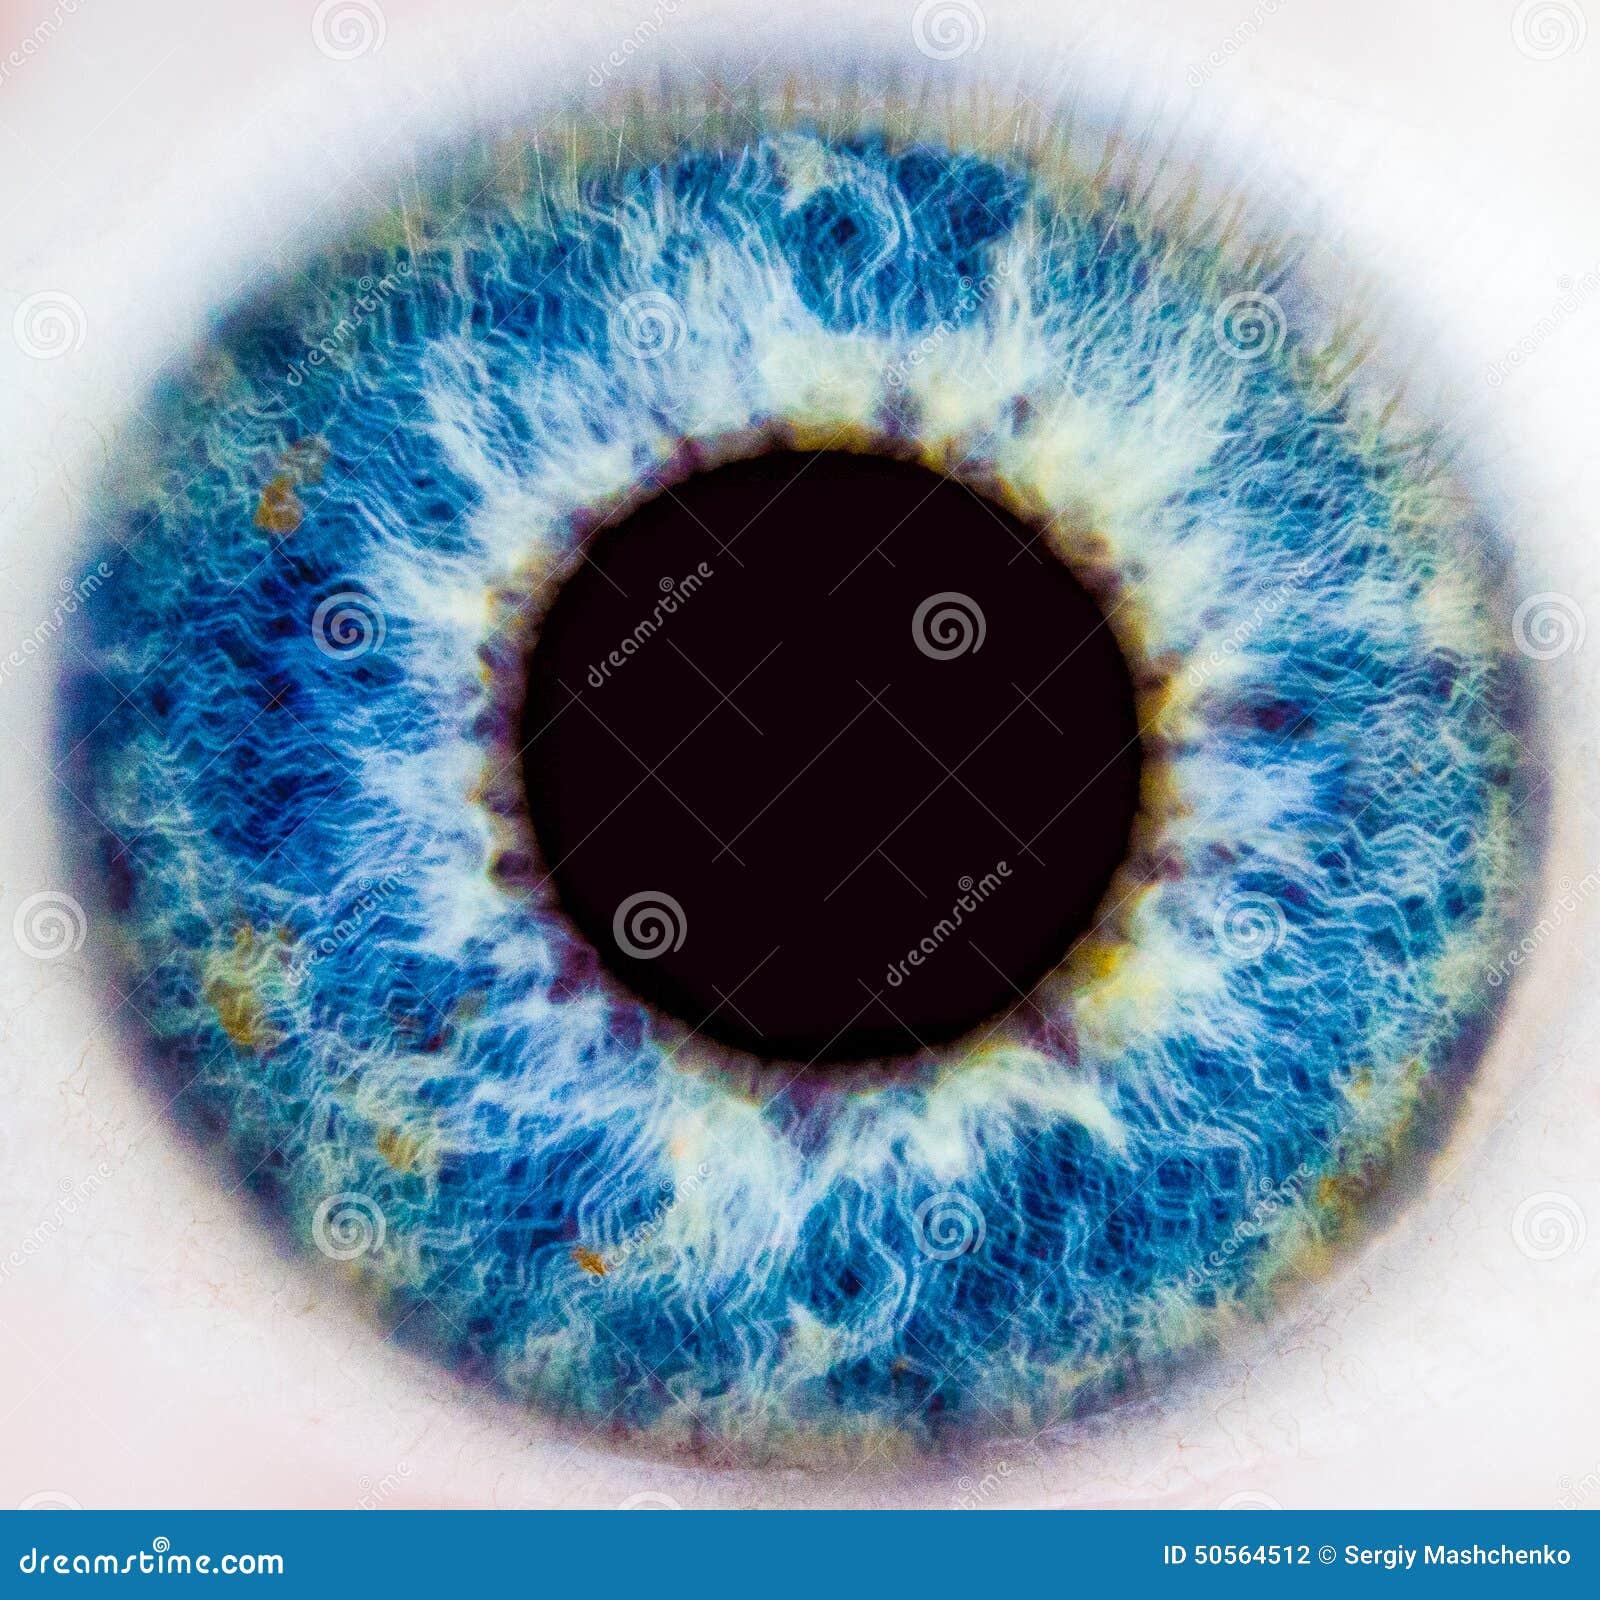 Iris de un ojo humano